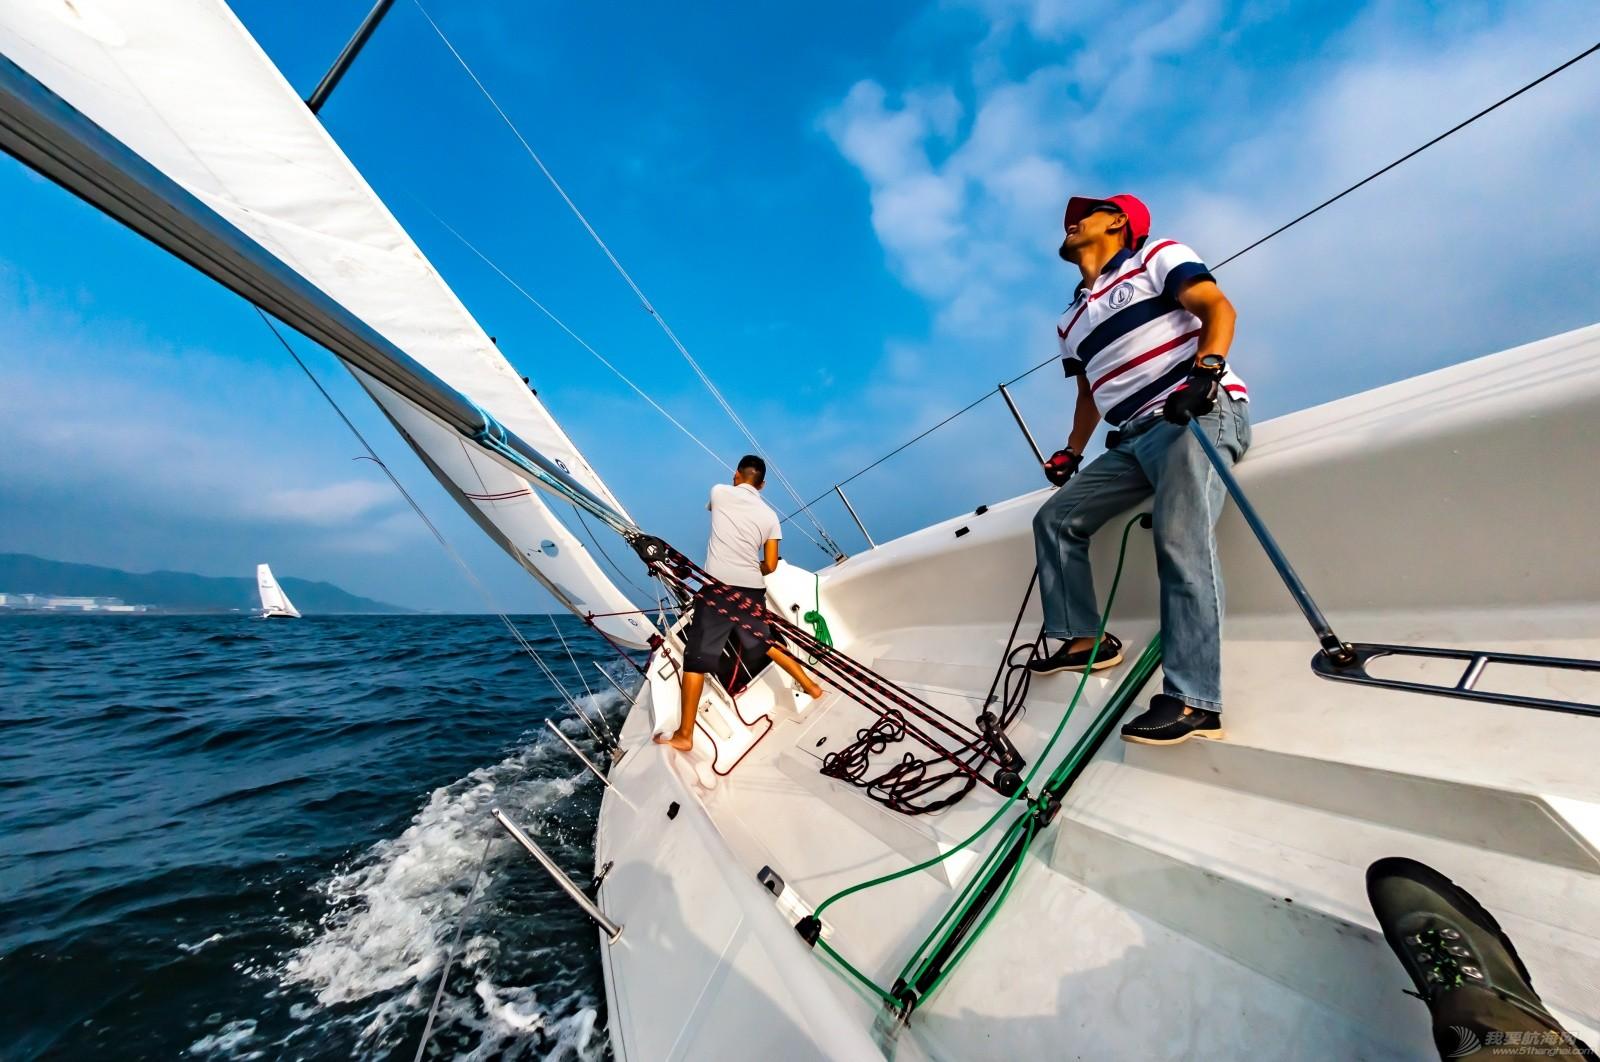 帆船 【2015大鹏杯帆船赛】鱼眼看航海 16015.jpg